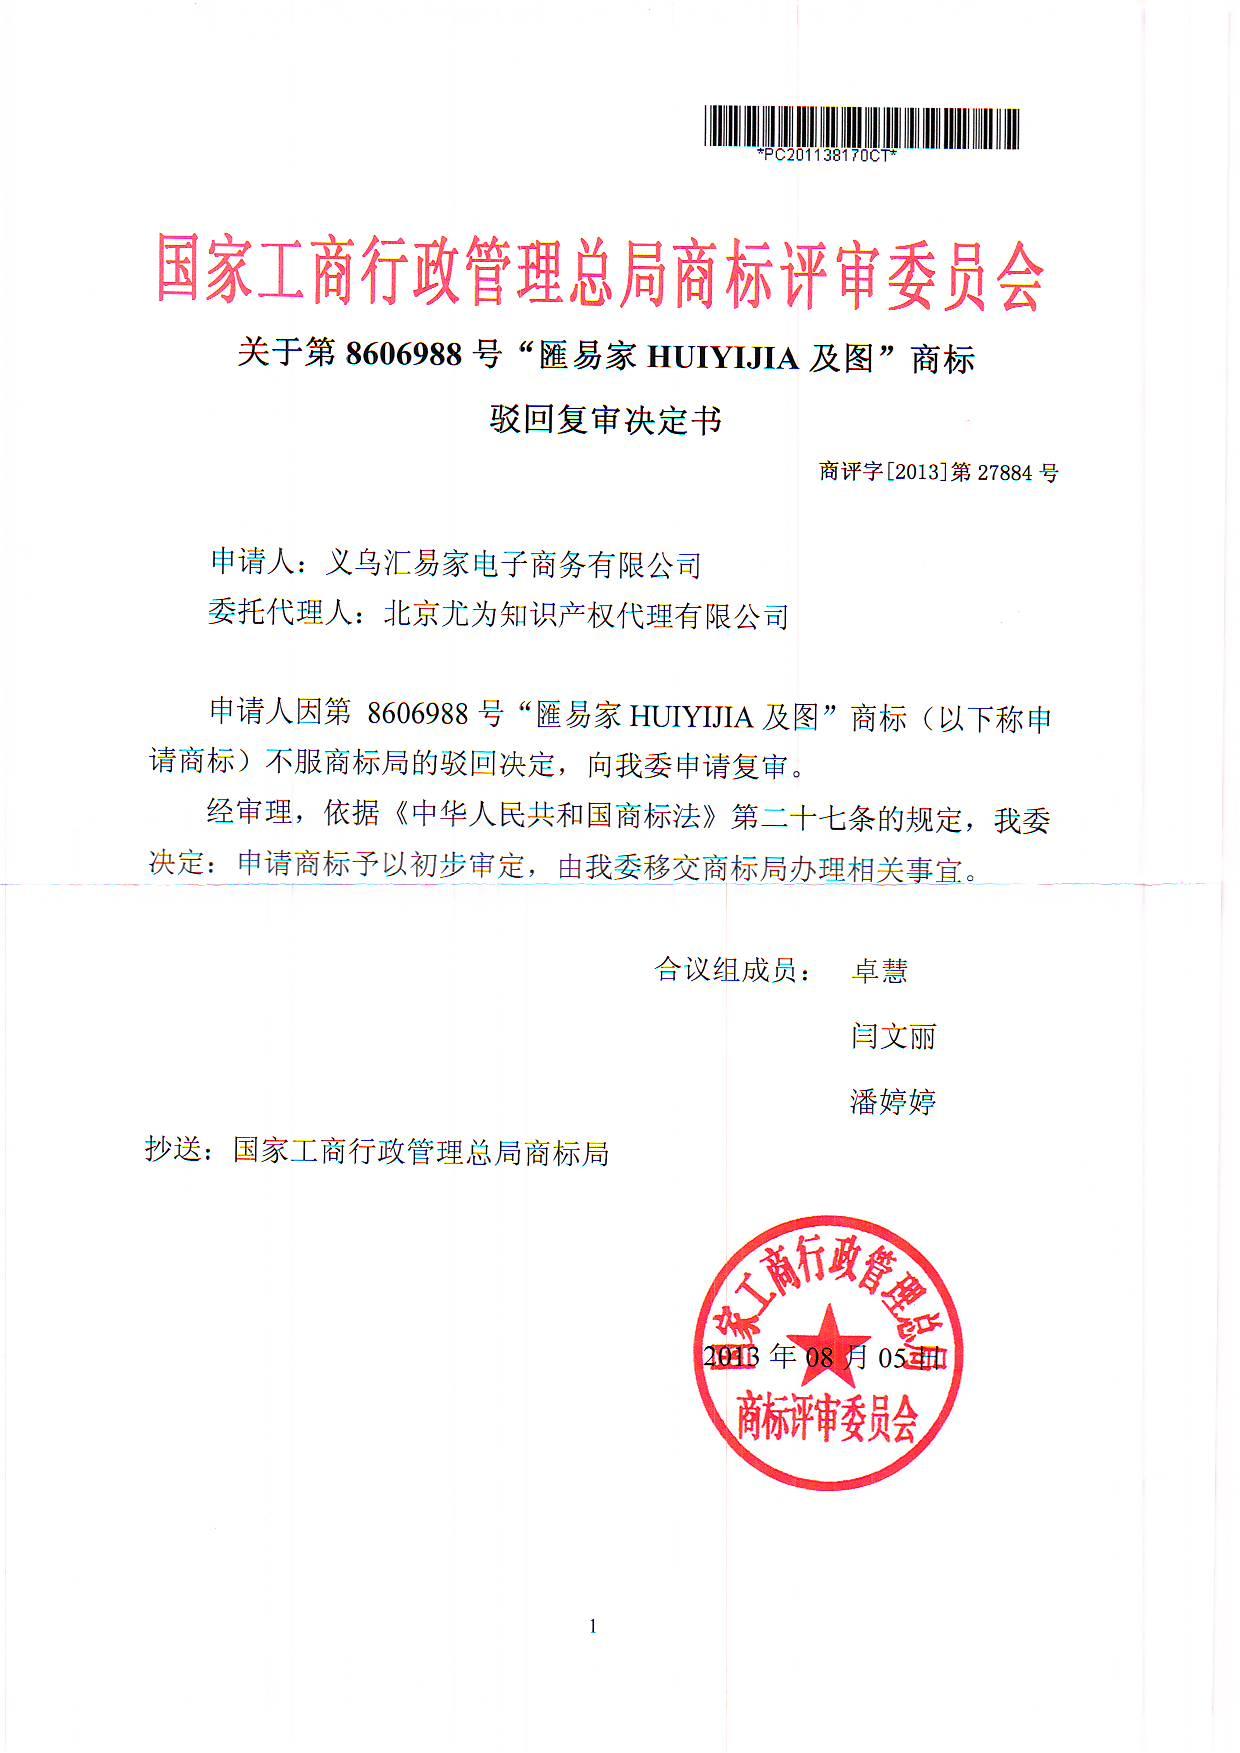 """义乌汇易家电子商务有限公司对第8606988号""""汇易家""""商标驳回成功!"""